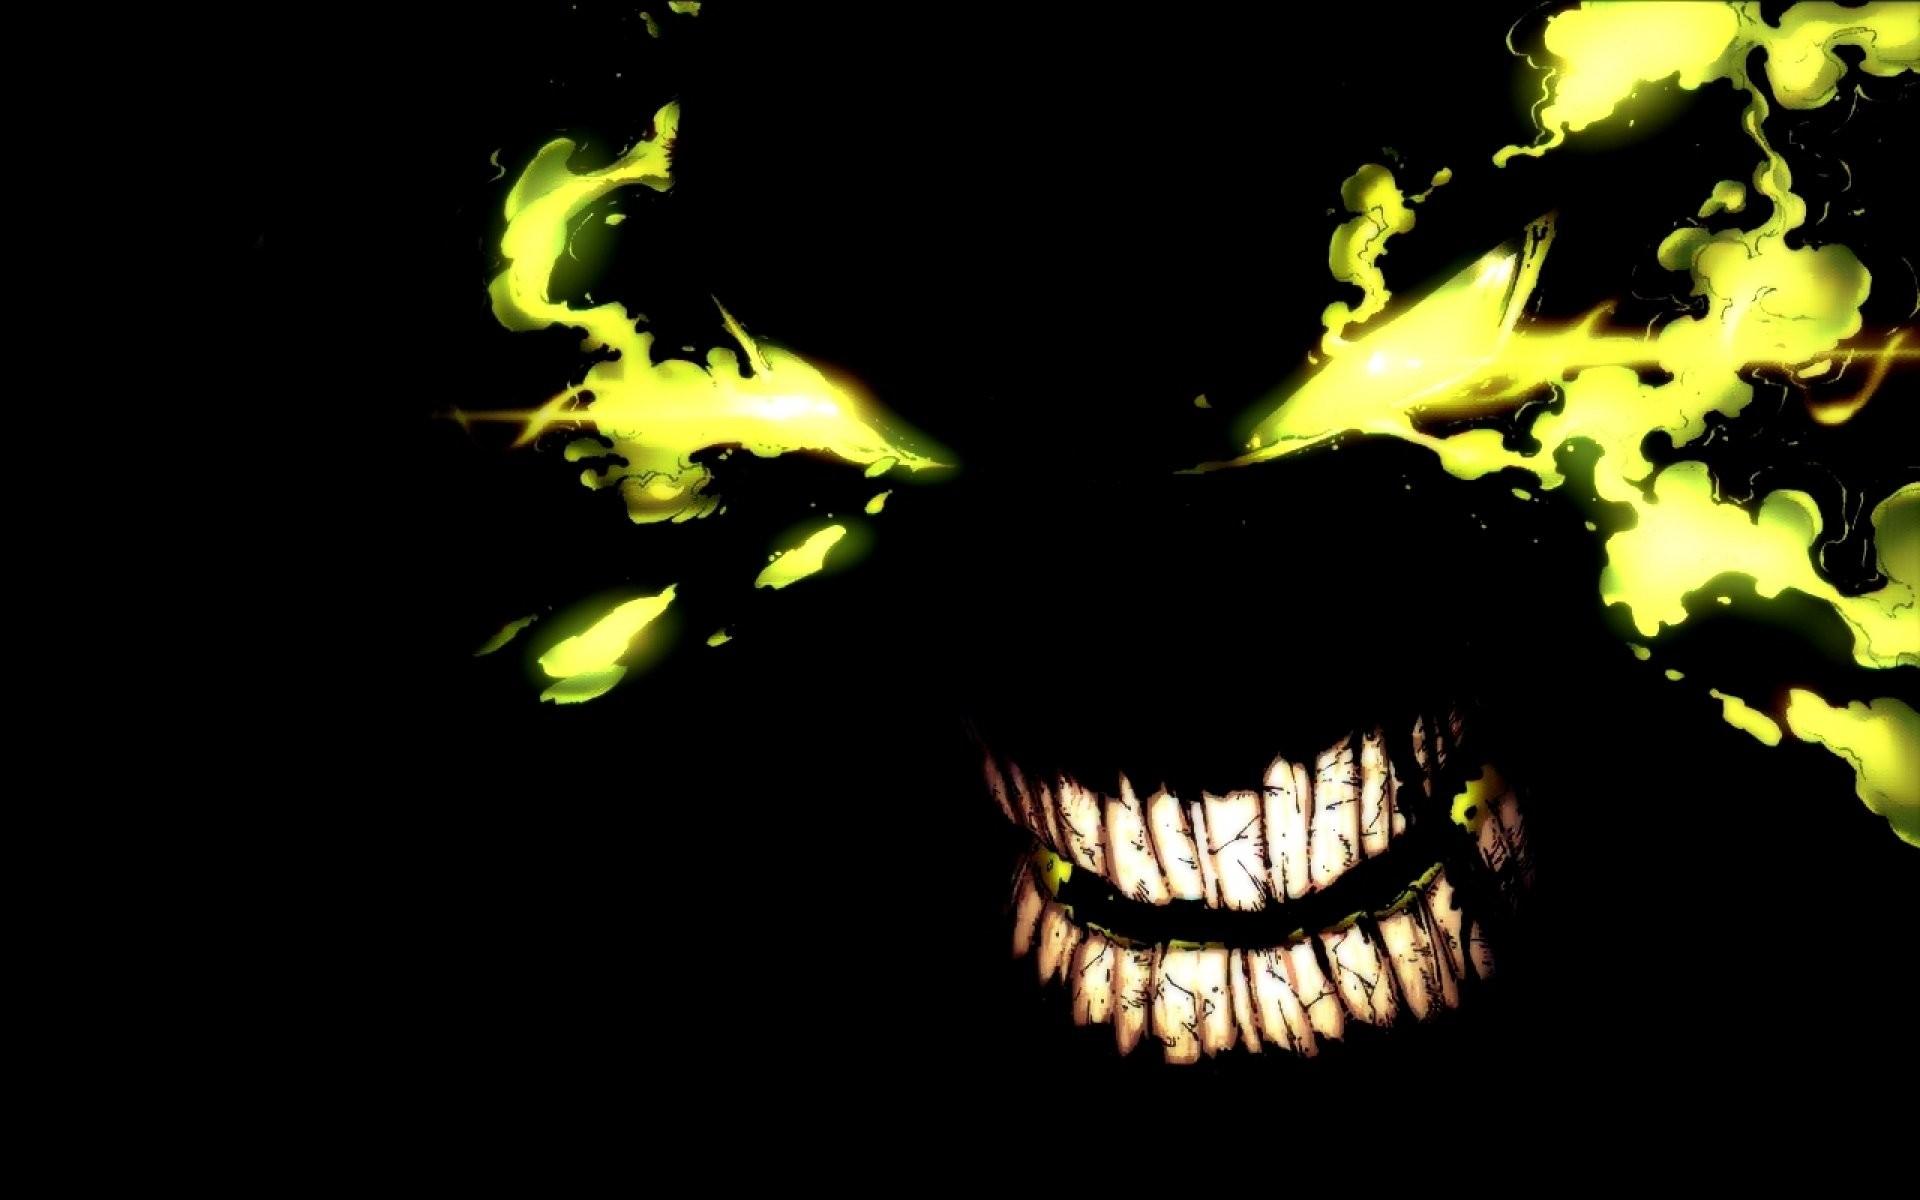 DISTURBED heavy metal alternative metal hard rock nu-metal dark demon  reaper wallpaper | | 492272 | WallpaperUP